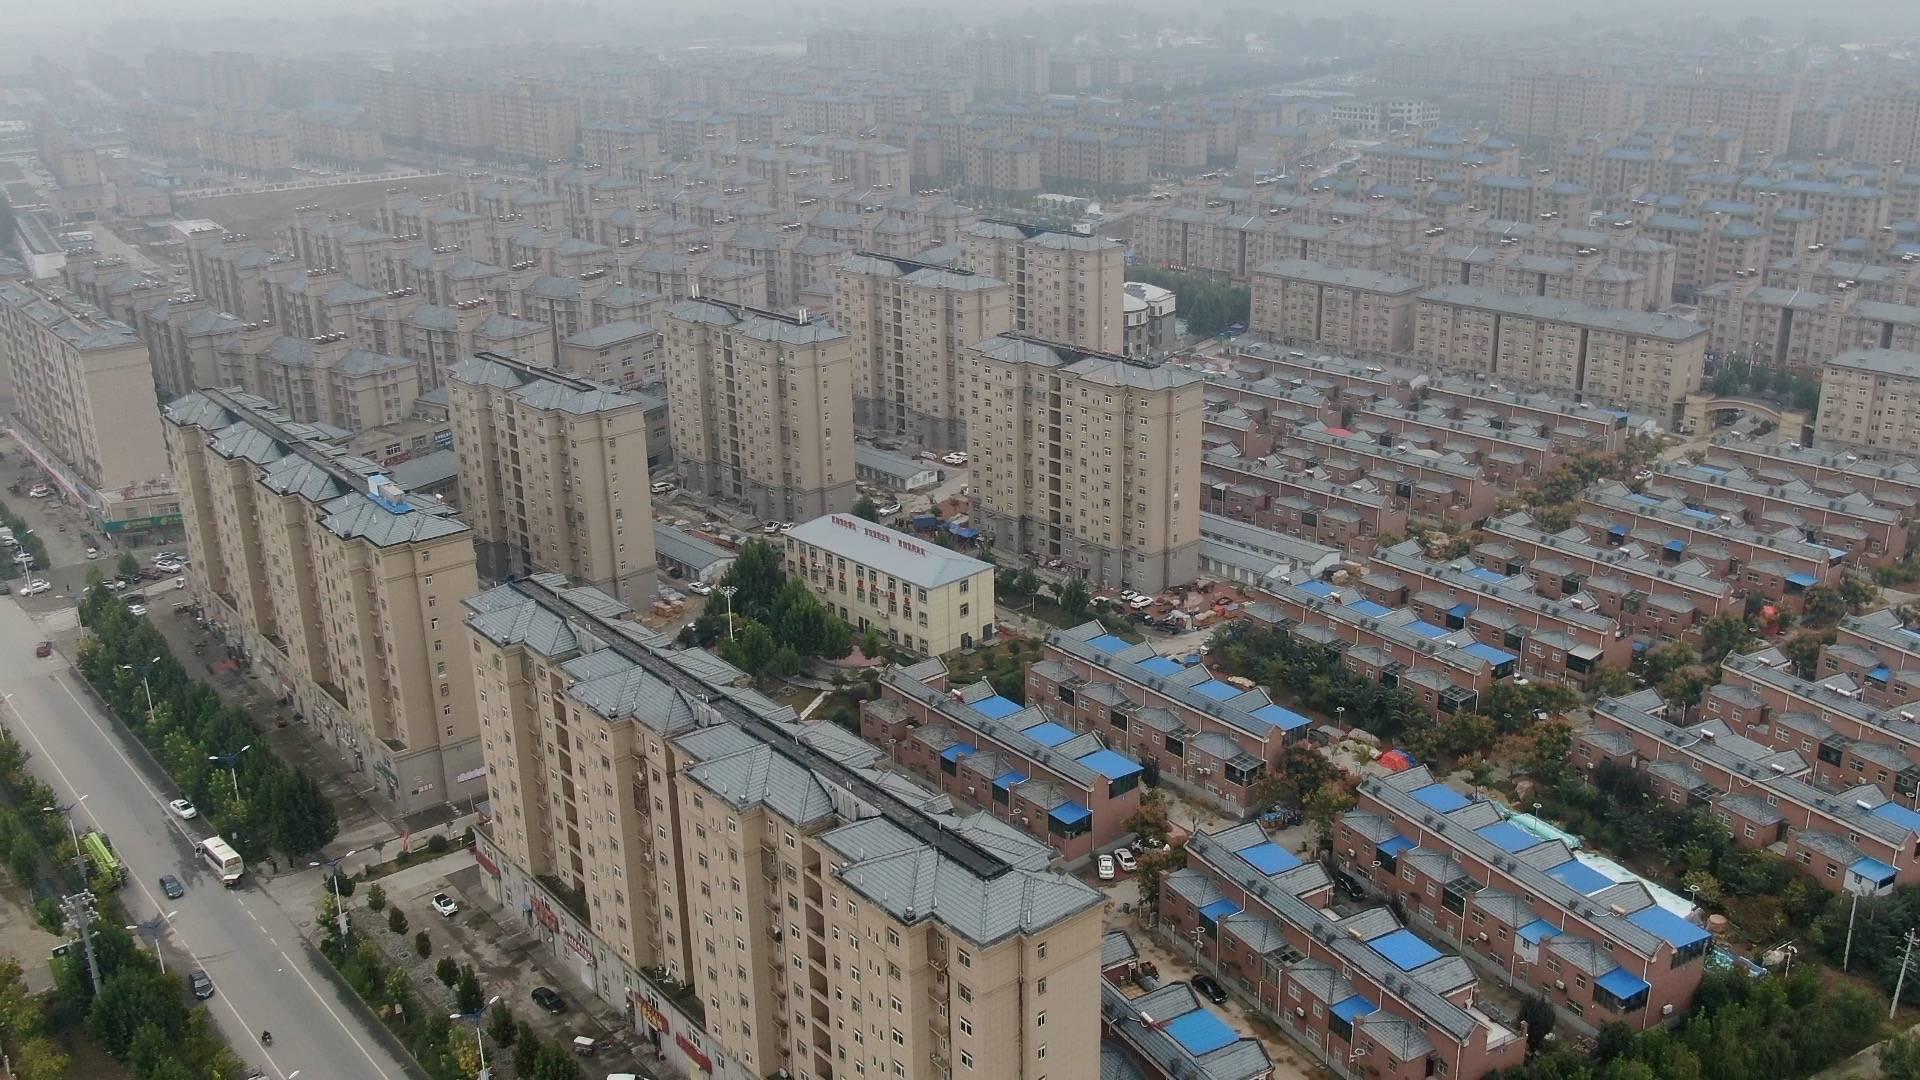 宜城市刘猴镇邓冲社区人口_宜城市九龙社区图片